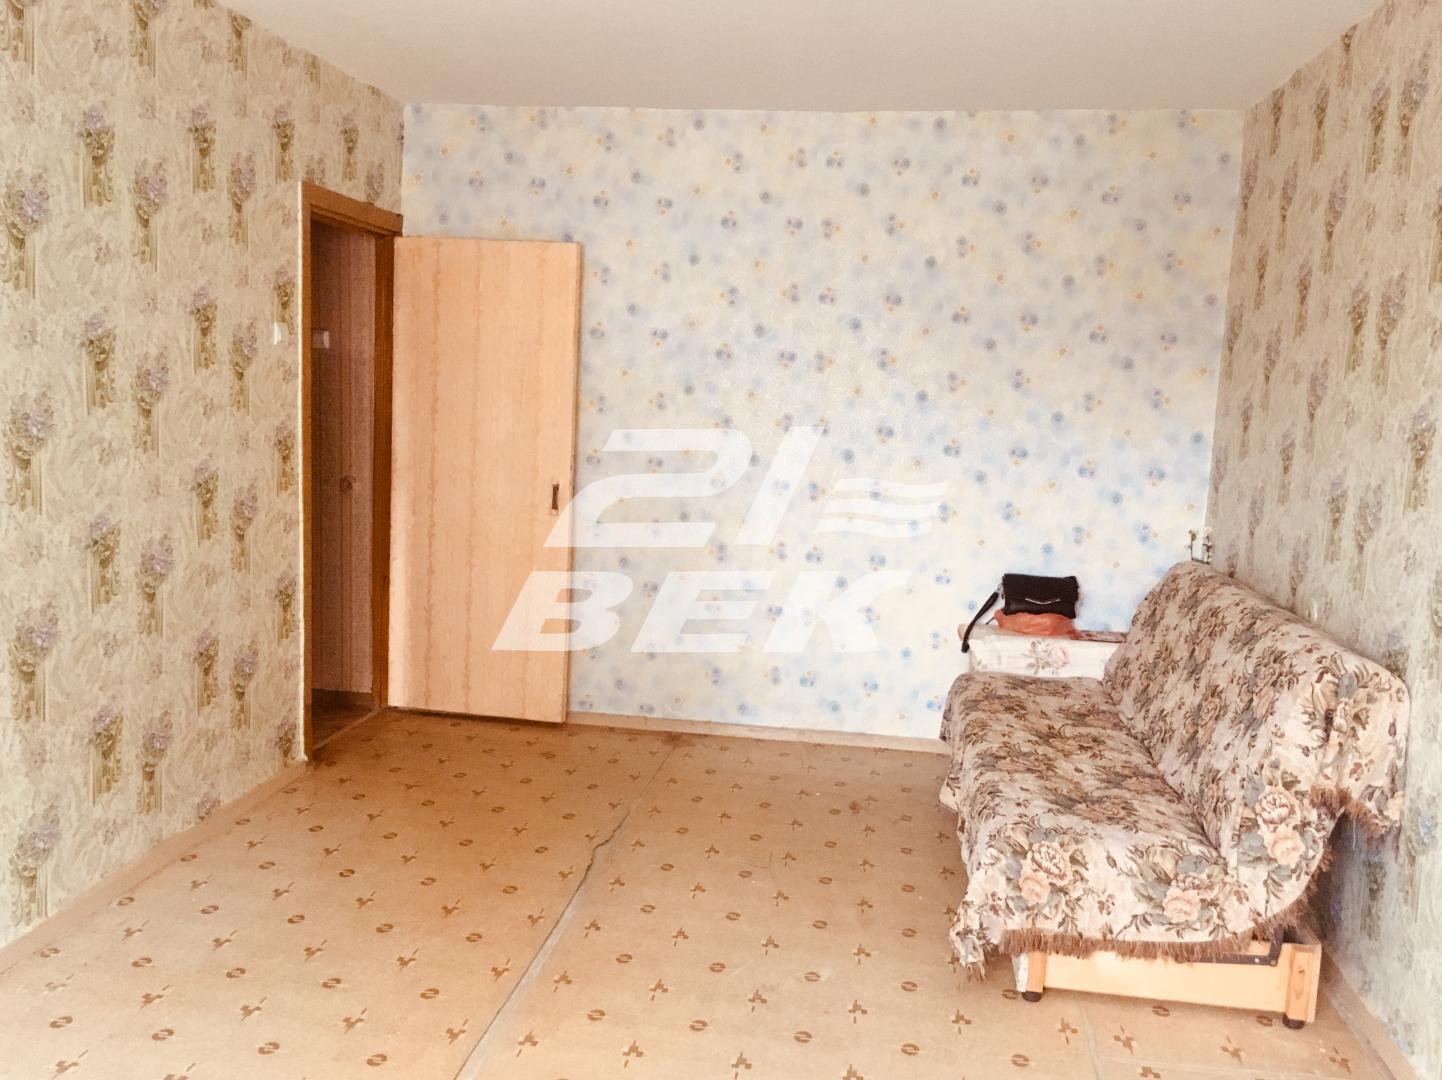 Продам 1-комнатную квартиру в городе Курск, на улице Чехова, 11/52, 5-этаж 5-этажного Кирпич дома, площадь: 30/19/5 м2